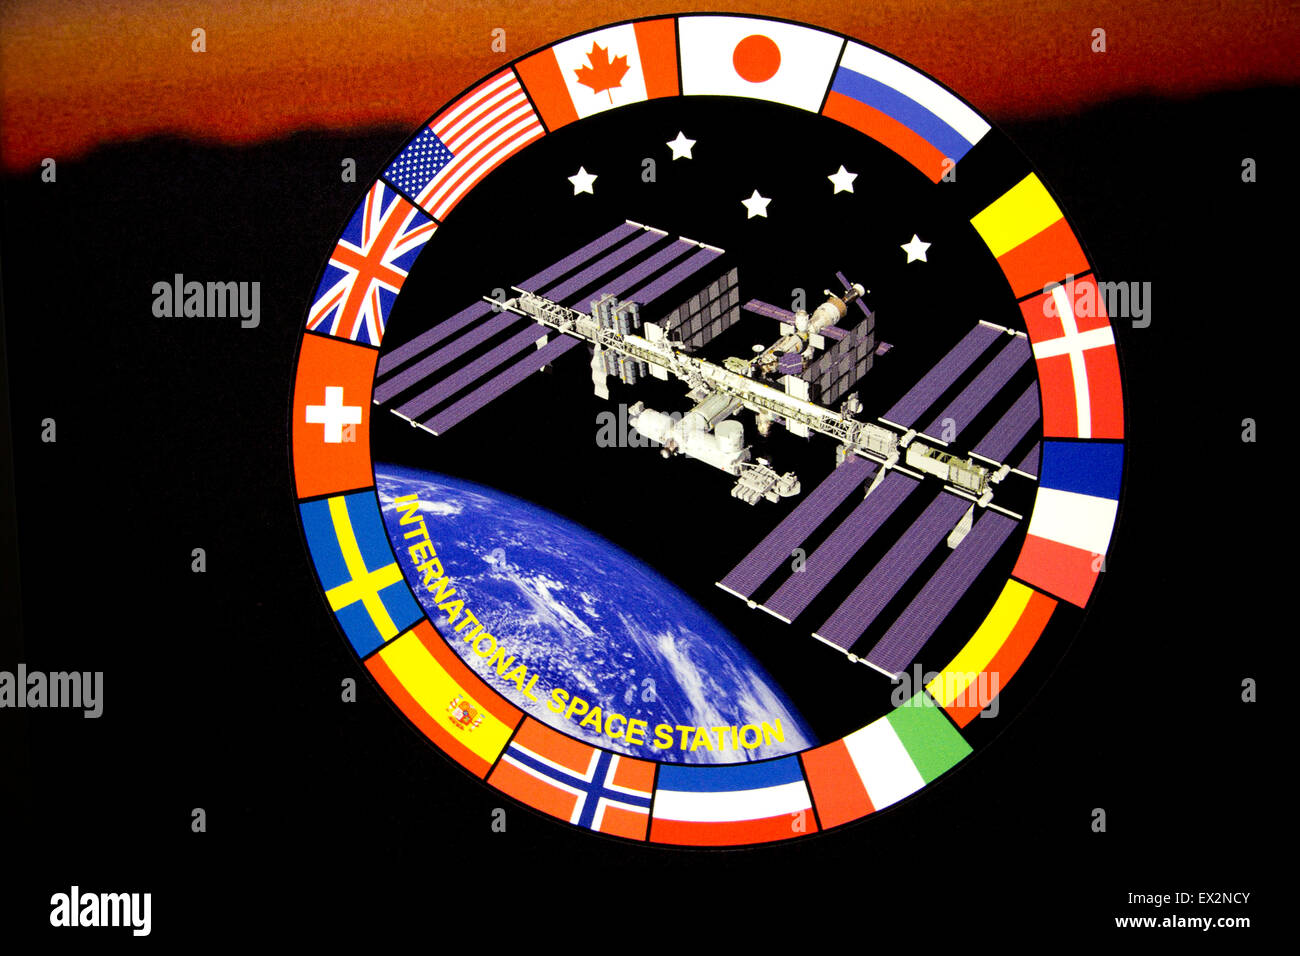 Logo pour la Station spatiale internationale (ISS), commandé à partir du Marshall Space Flight Center Photo Stock